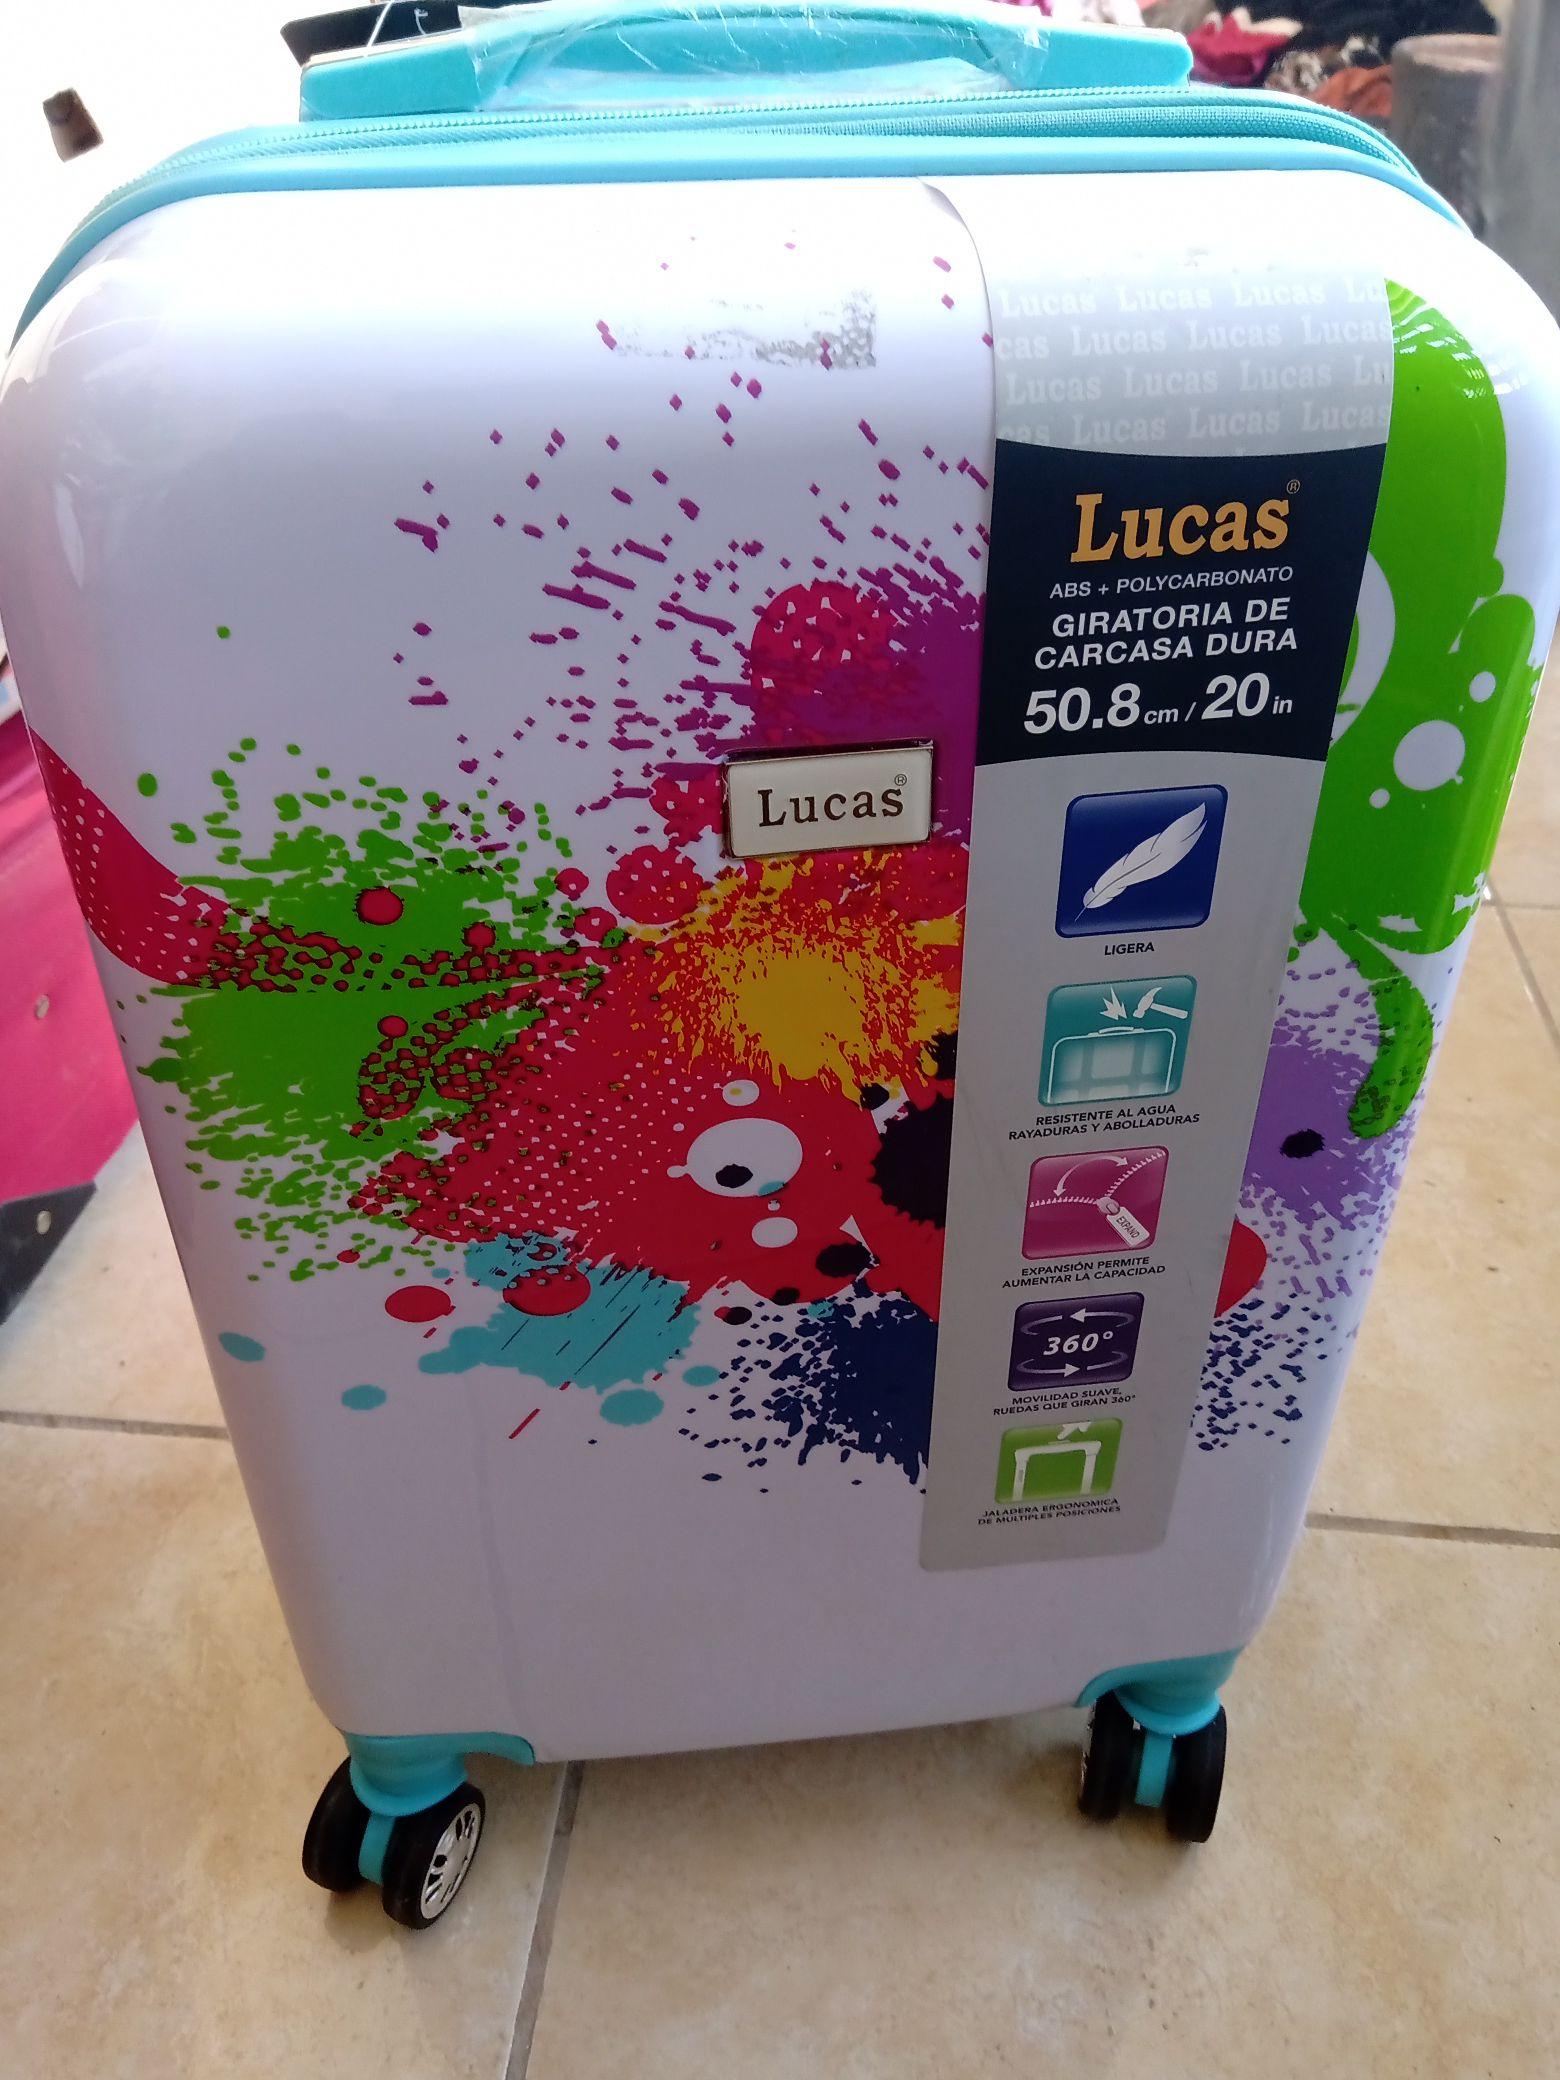 Walmart: Maleta Lucas Acuarela 20 Pulg y otro modelo y medidas en última liquidación